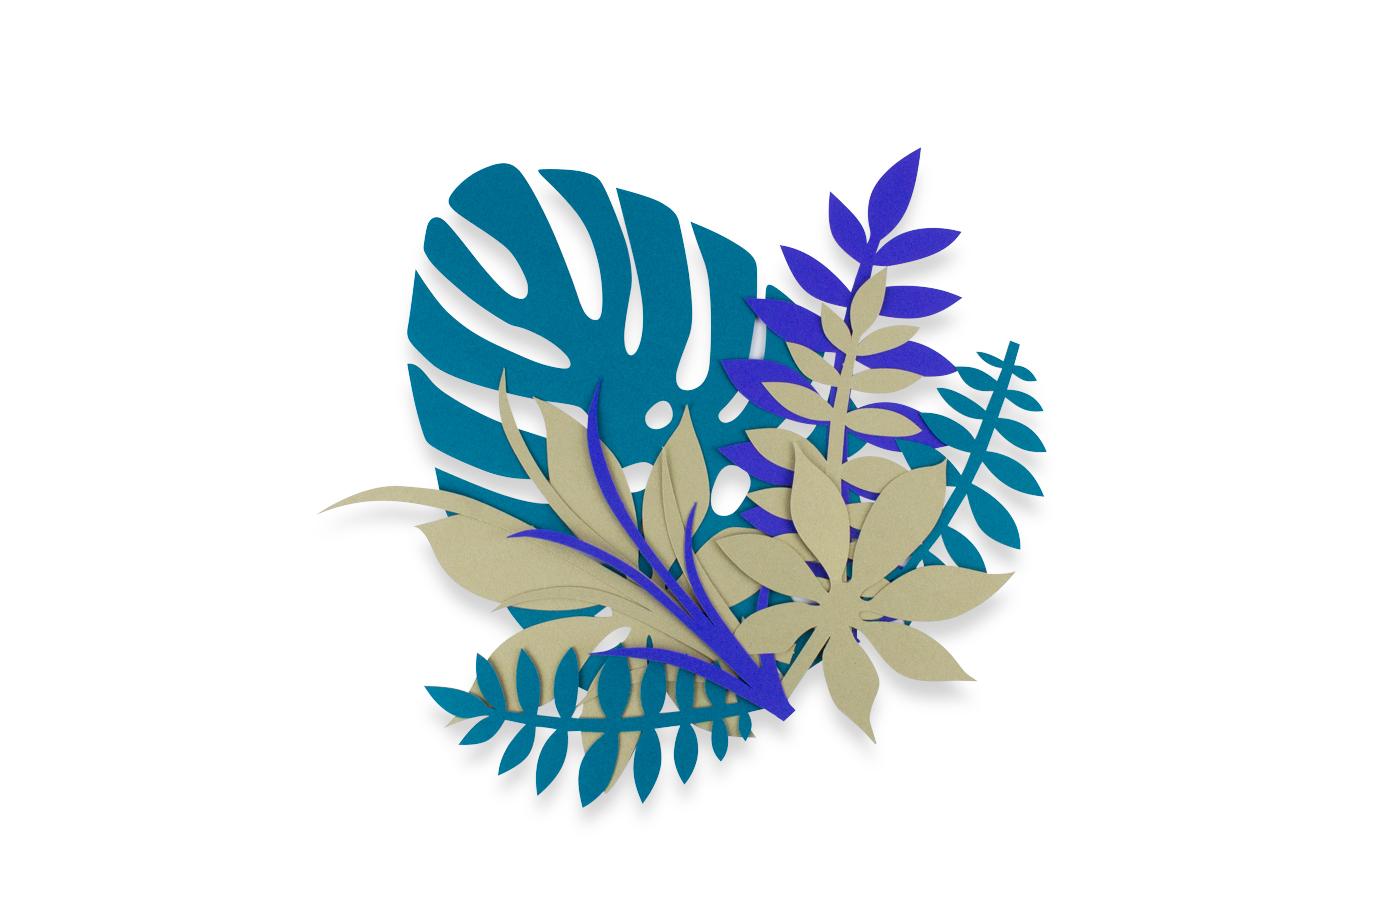 Kit de feuilles exotique chic 4 3760271838555